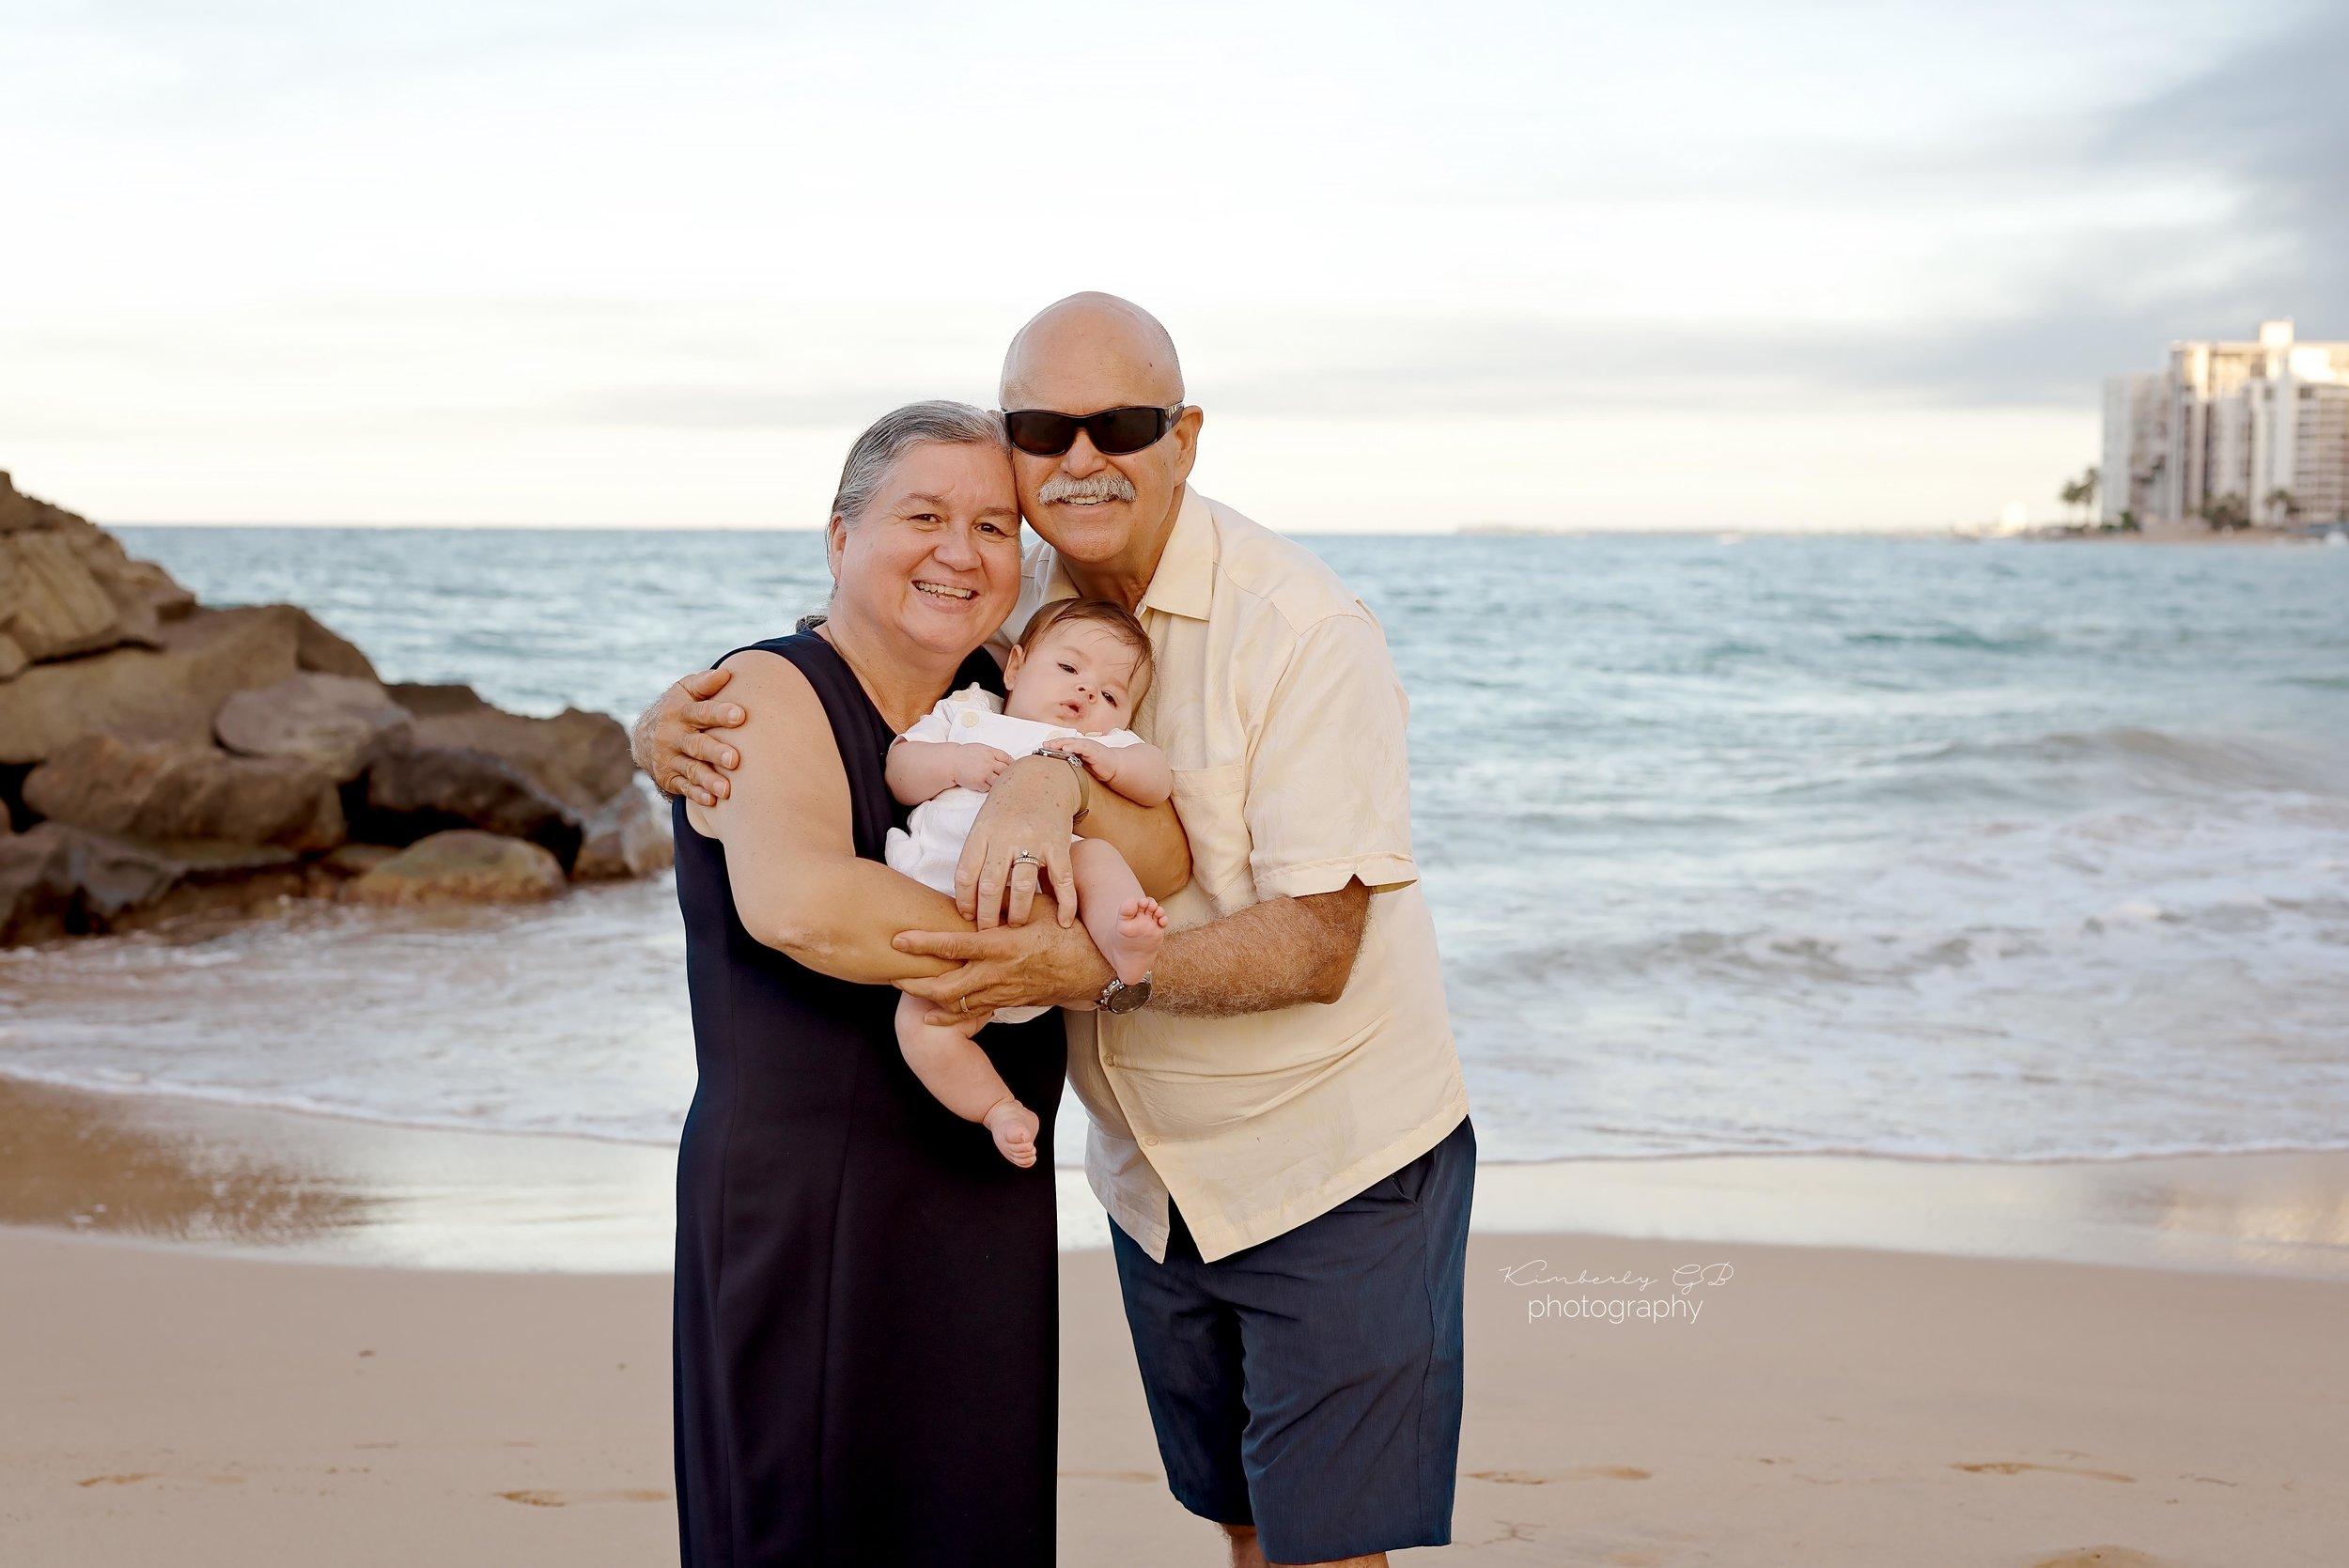 kimberly-gb-photography-fotografa-portrait-retrato-family-familia-puerto-rico-93.jpg